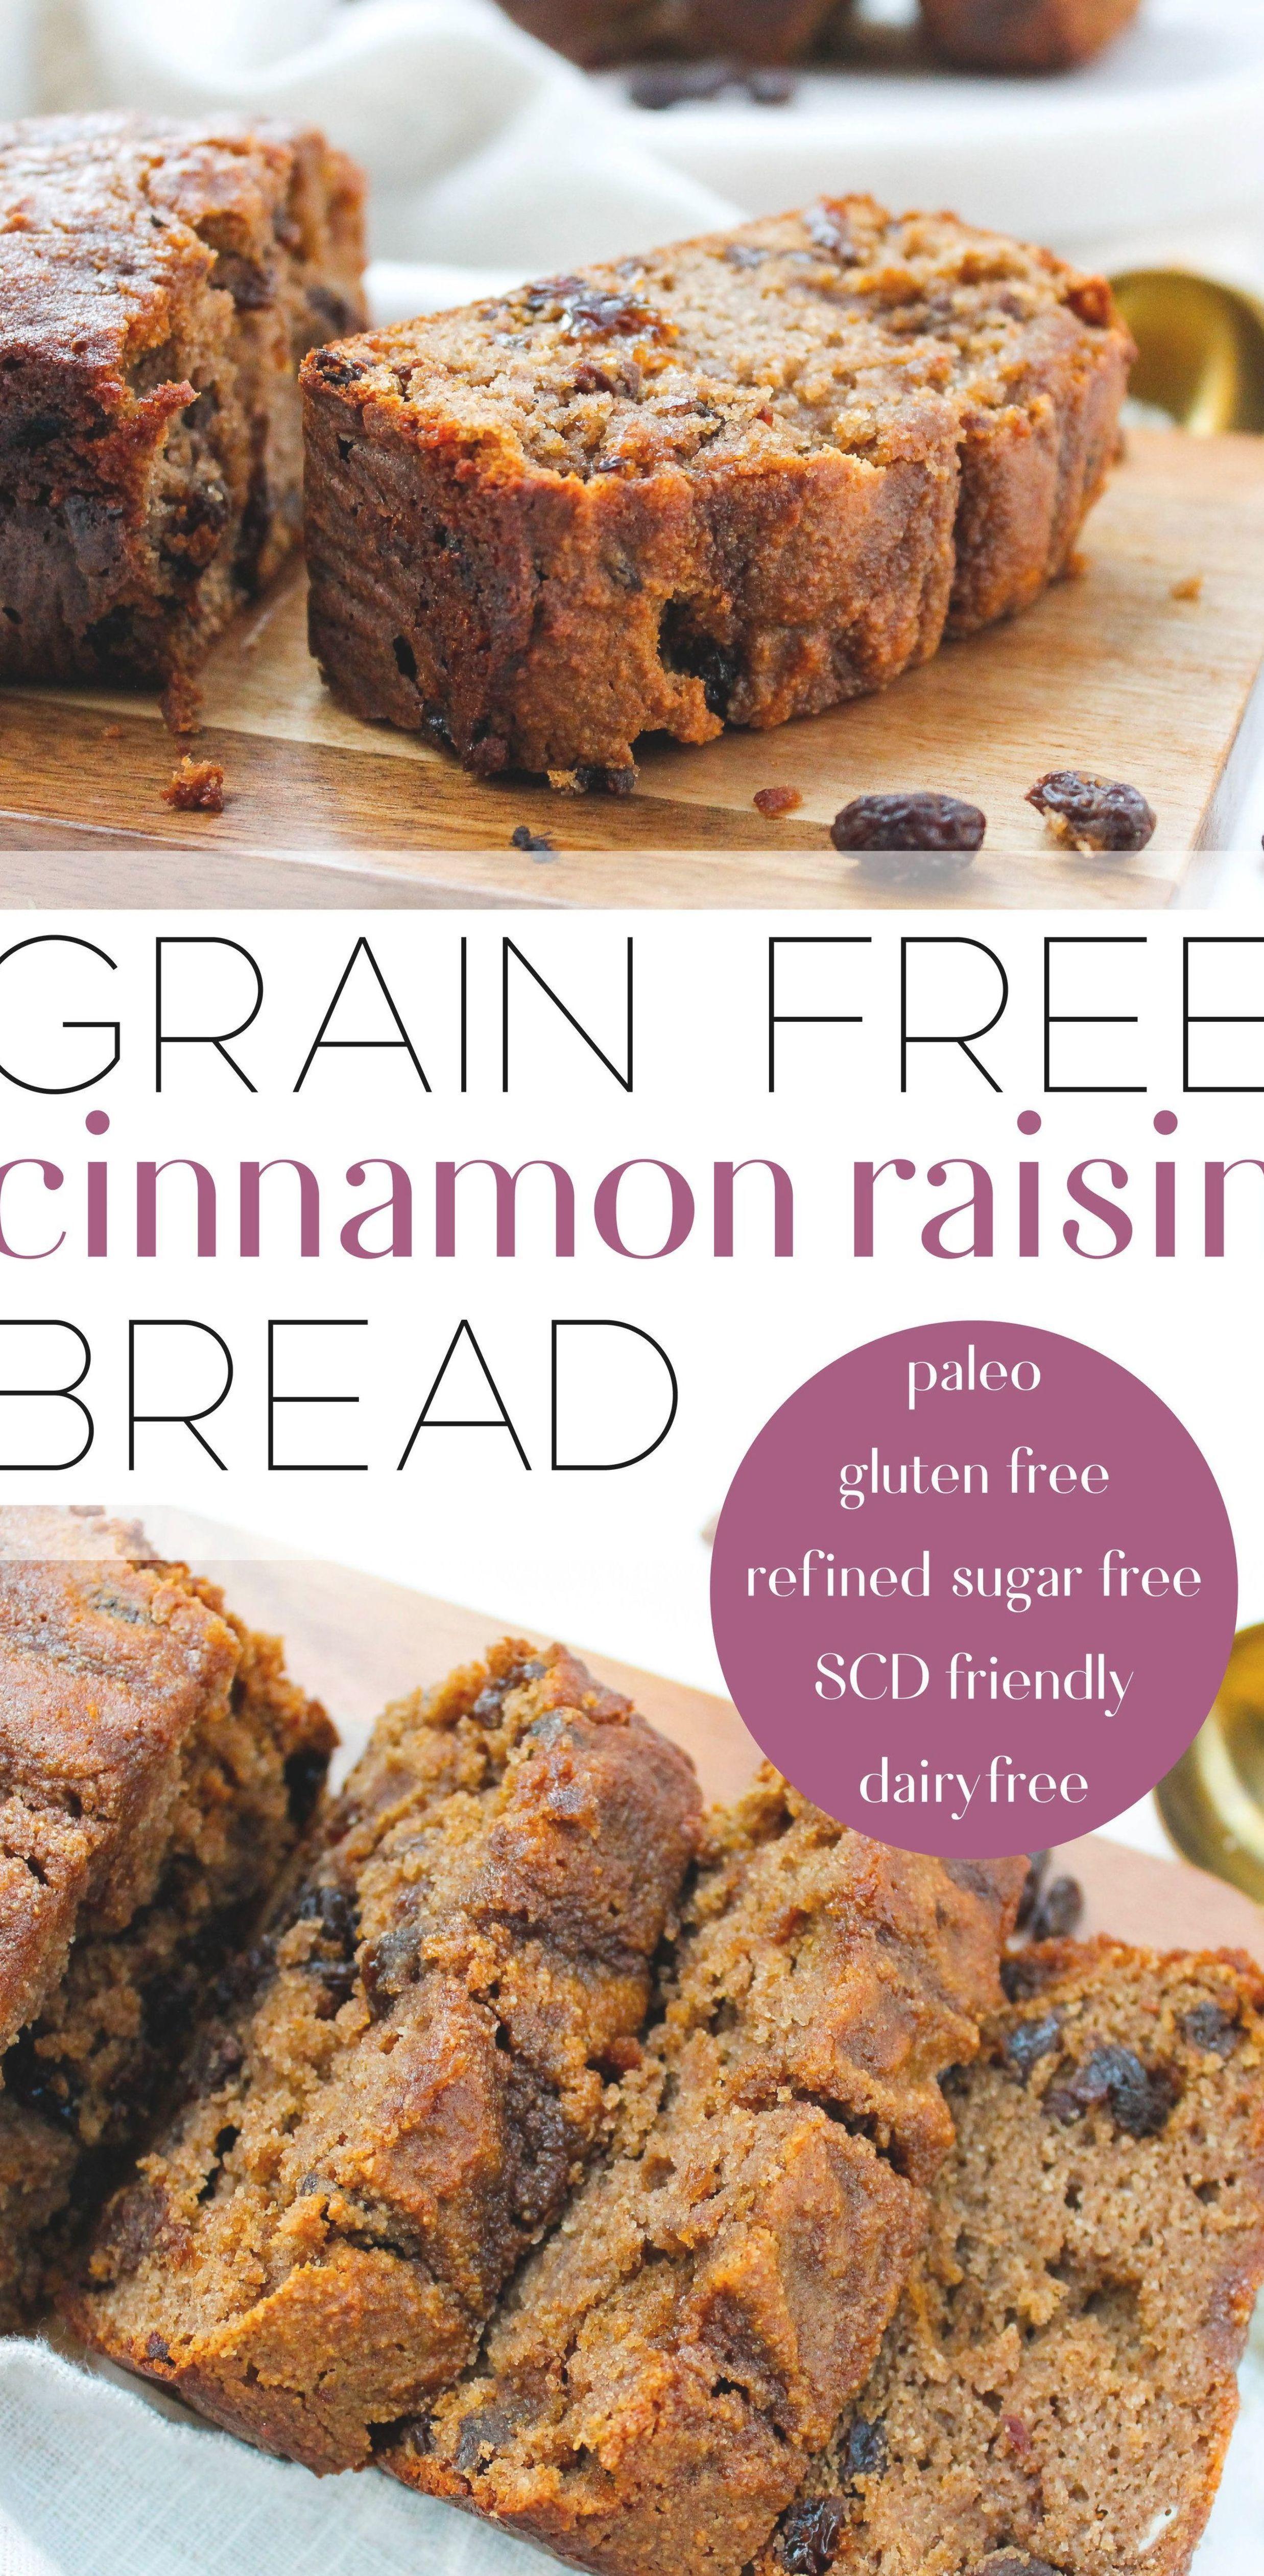 Paleo Cinnamon Raisin Bread This Paleo Cinnamon Raisin Bread Is The Perfect Twist On A Classic Favorite In 2020 Cinnamon Raisin Bread Cinnamon Raisin Raisin Bread